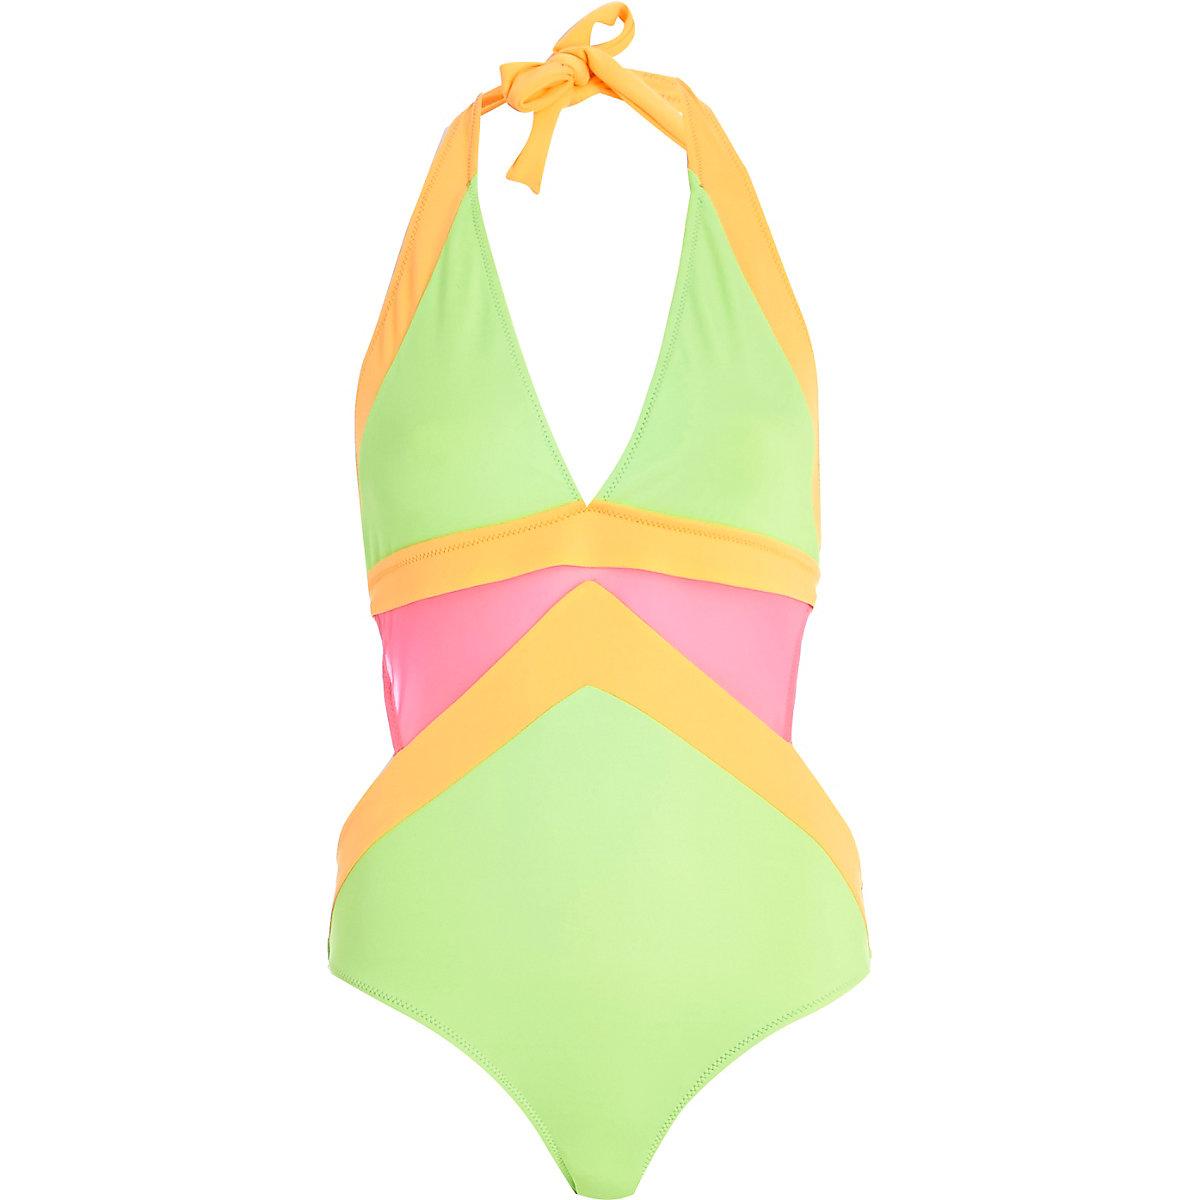 43aaad6c561 Green mesh cut out halterneck swimsuit - Swimsuits - Swimwear & Beachwear -  women